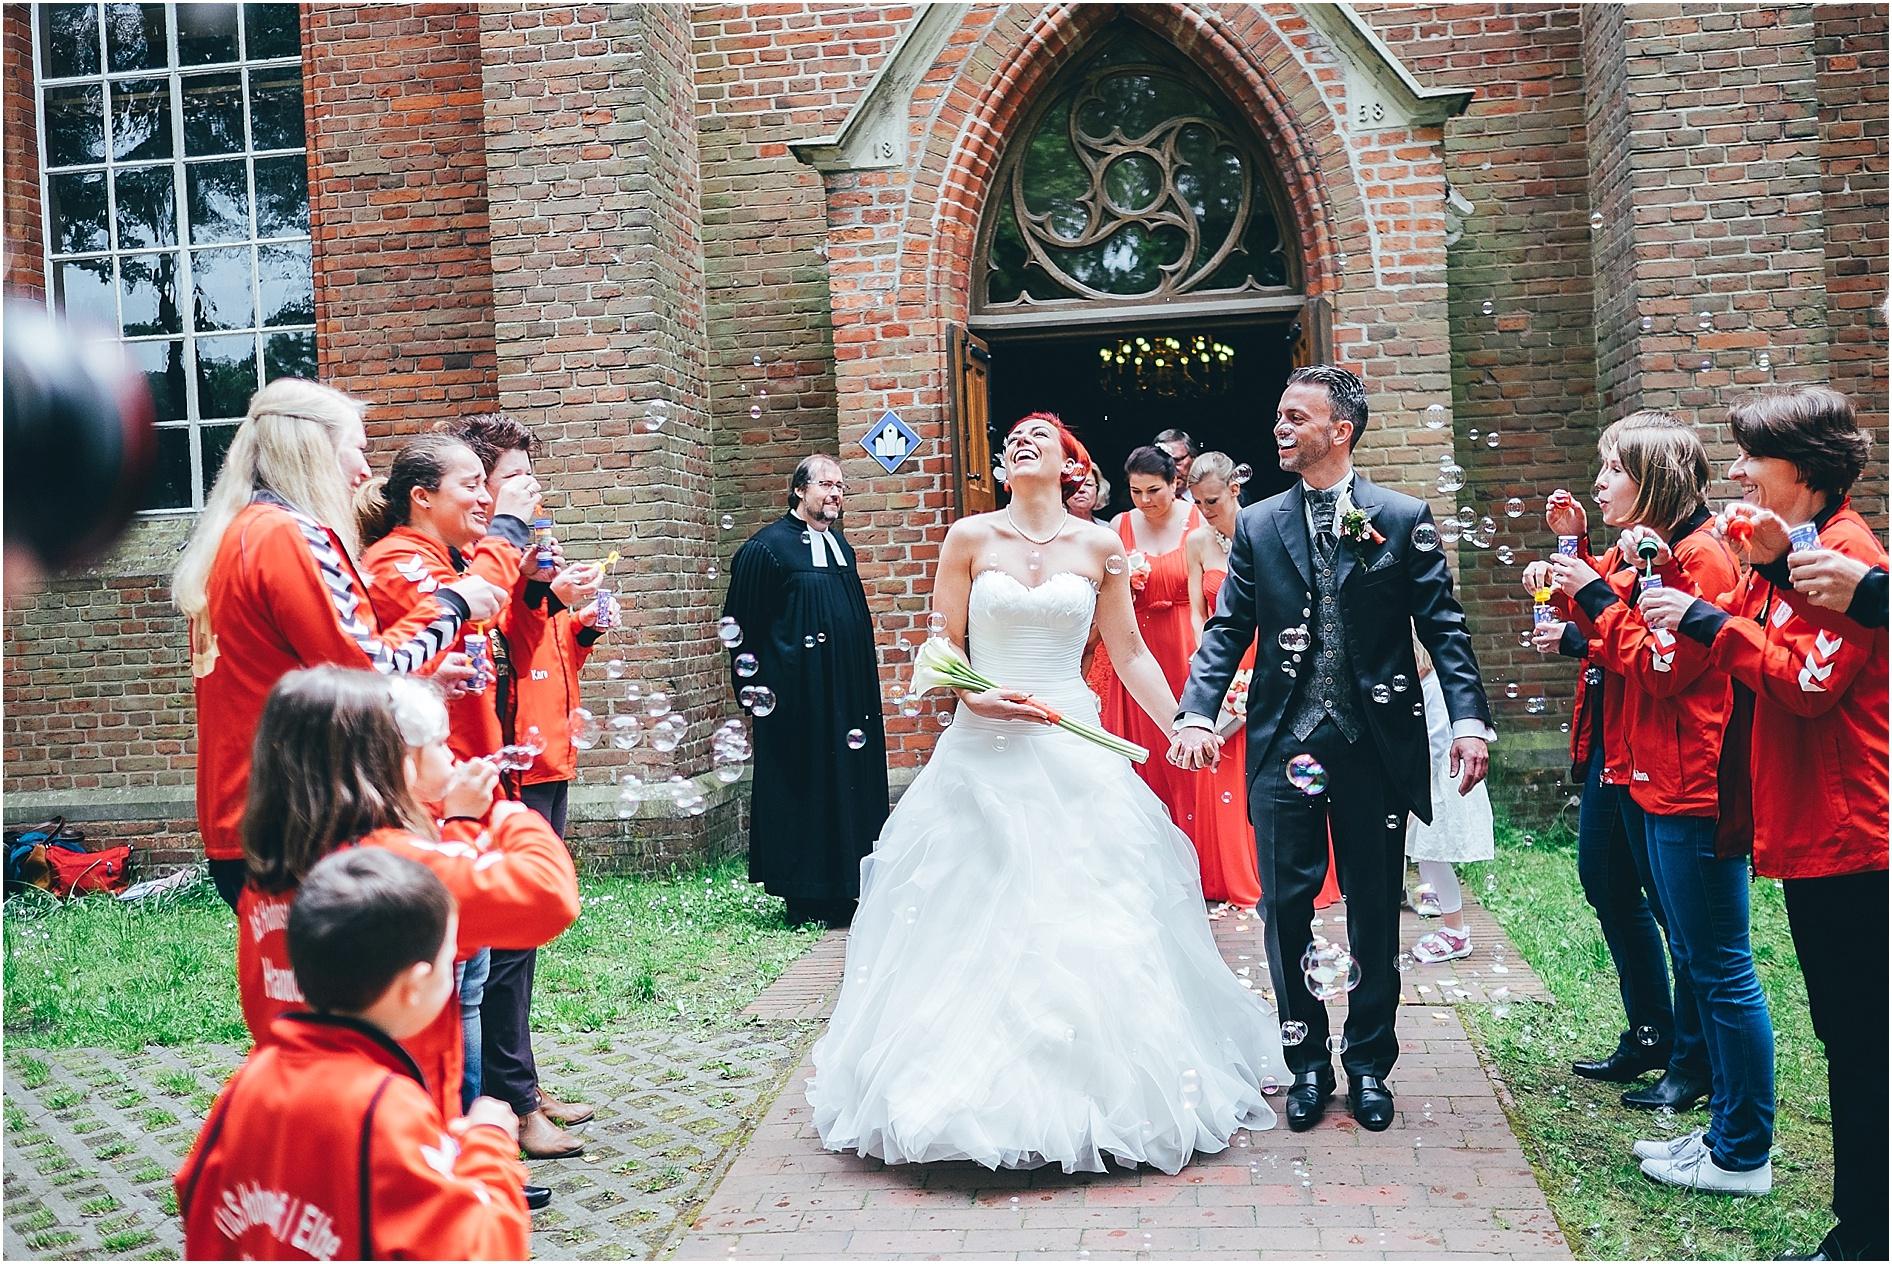 2015-10-27_0044 Tine & Chrischan - Hochzeitsfilm & Fotos in Lüneburg